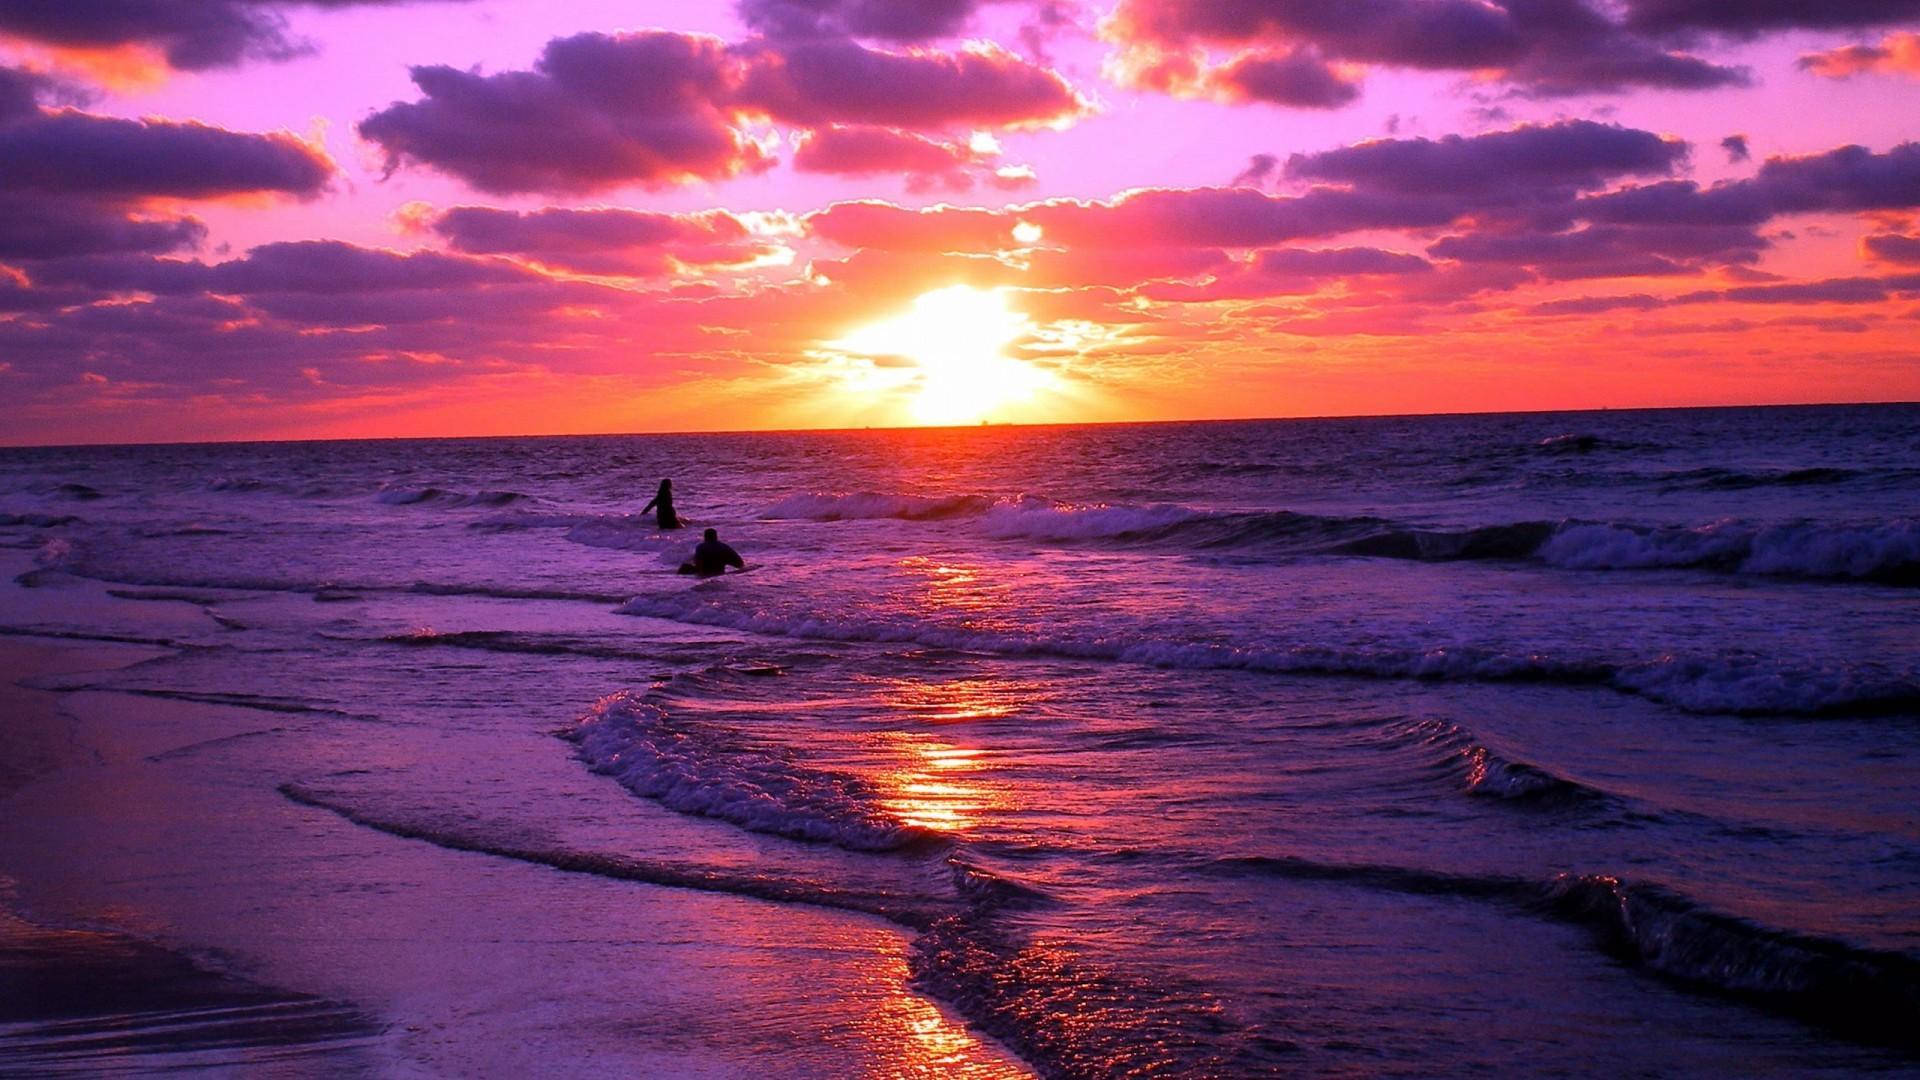 картинка закат океан жизни нормальной нет